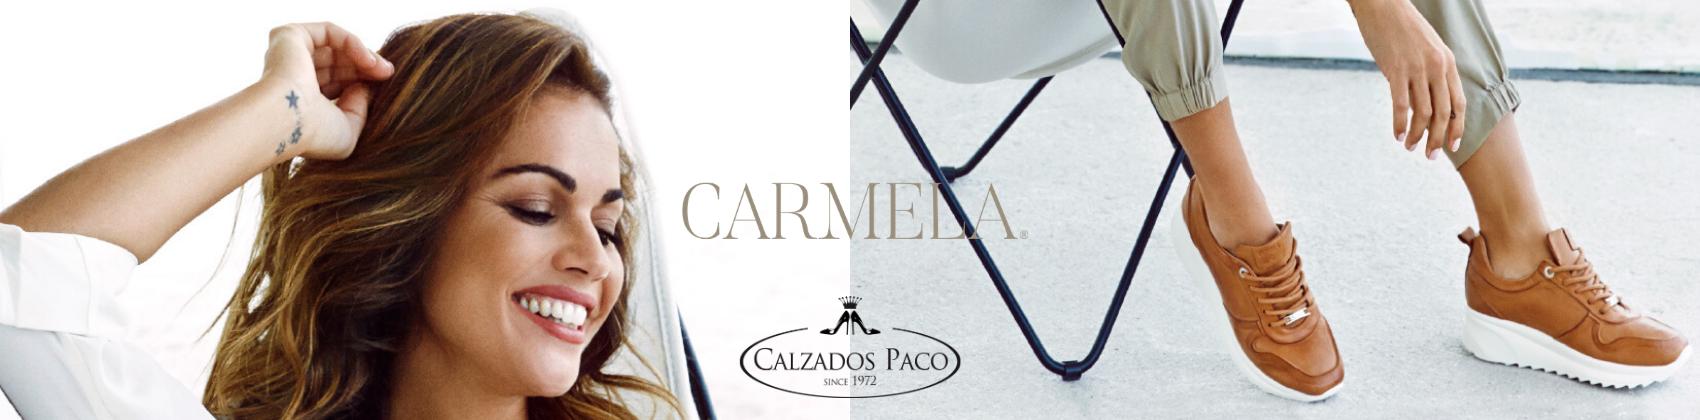 Carmela y Calzados Paco Banner 1700x420 de la tienda